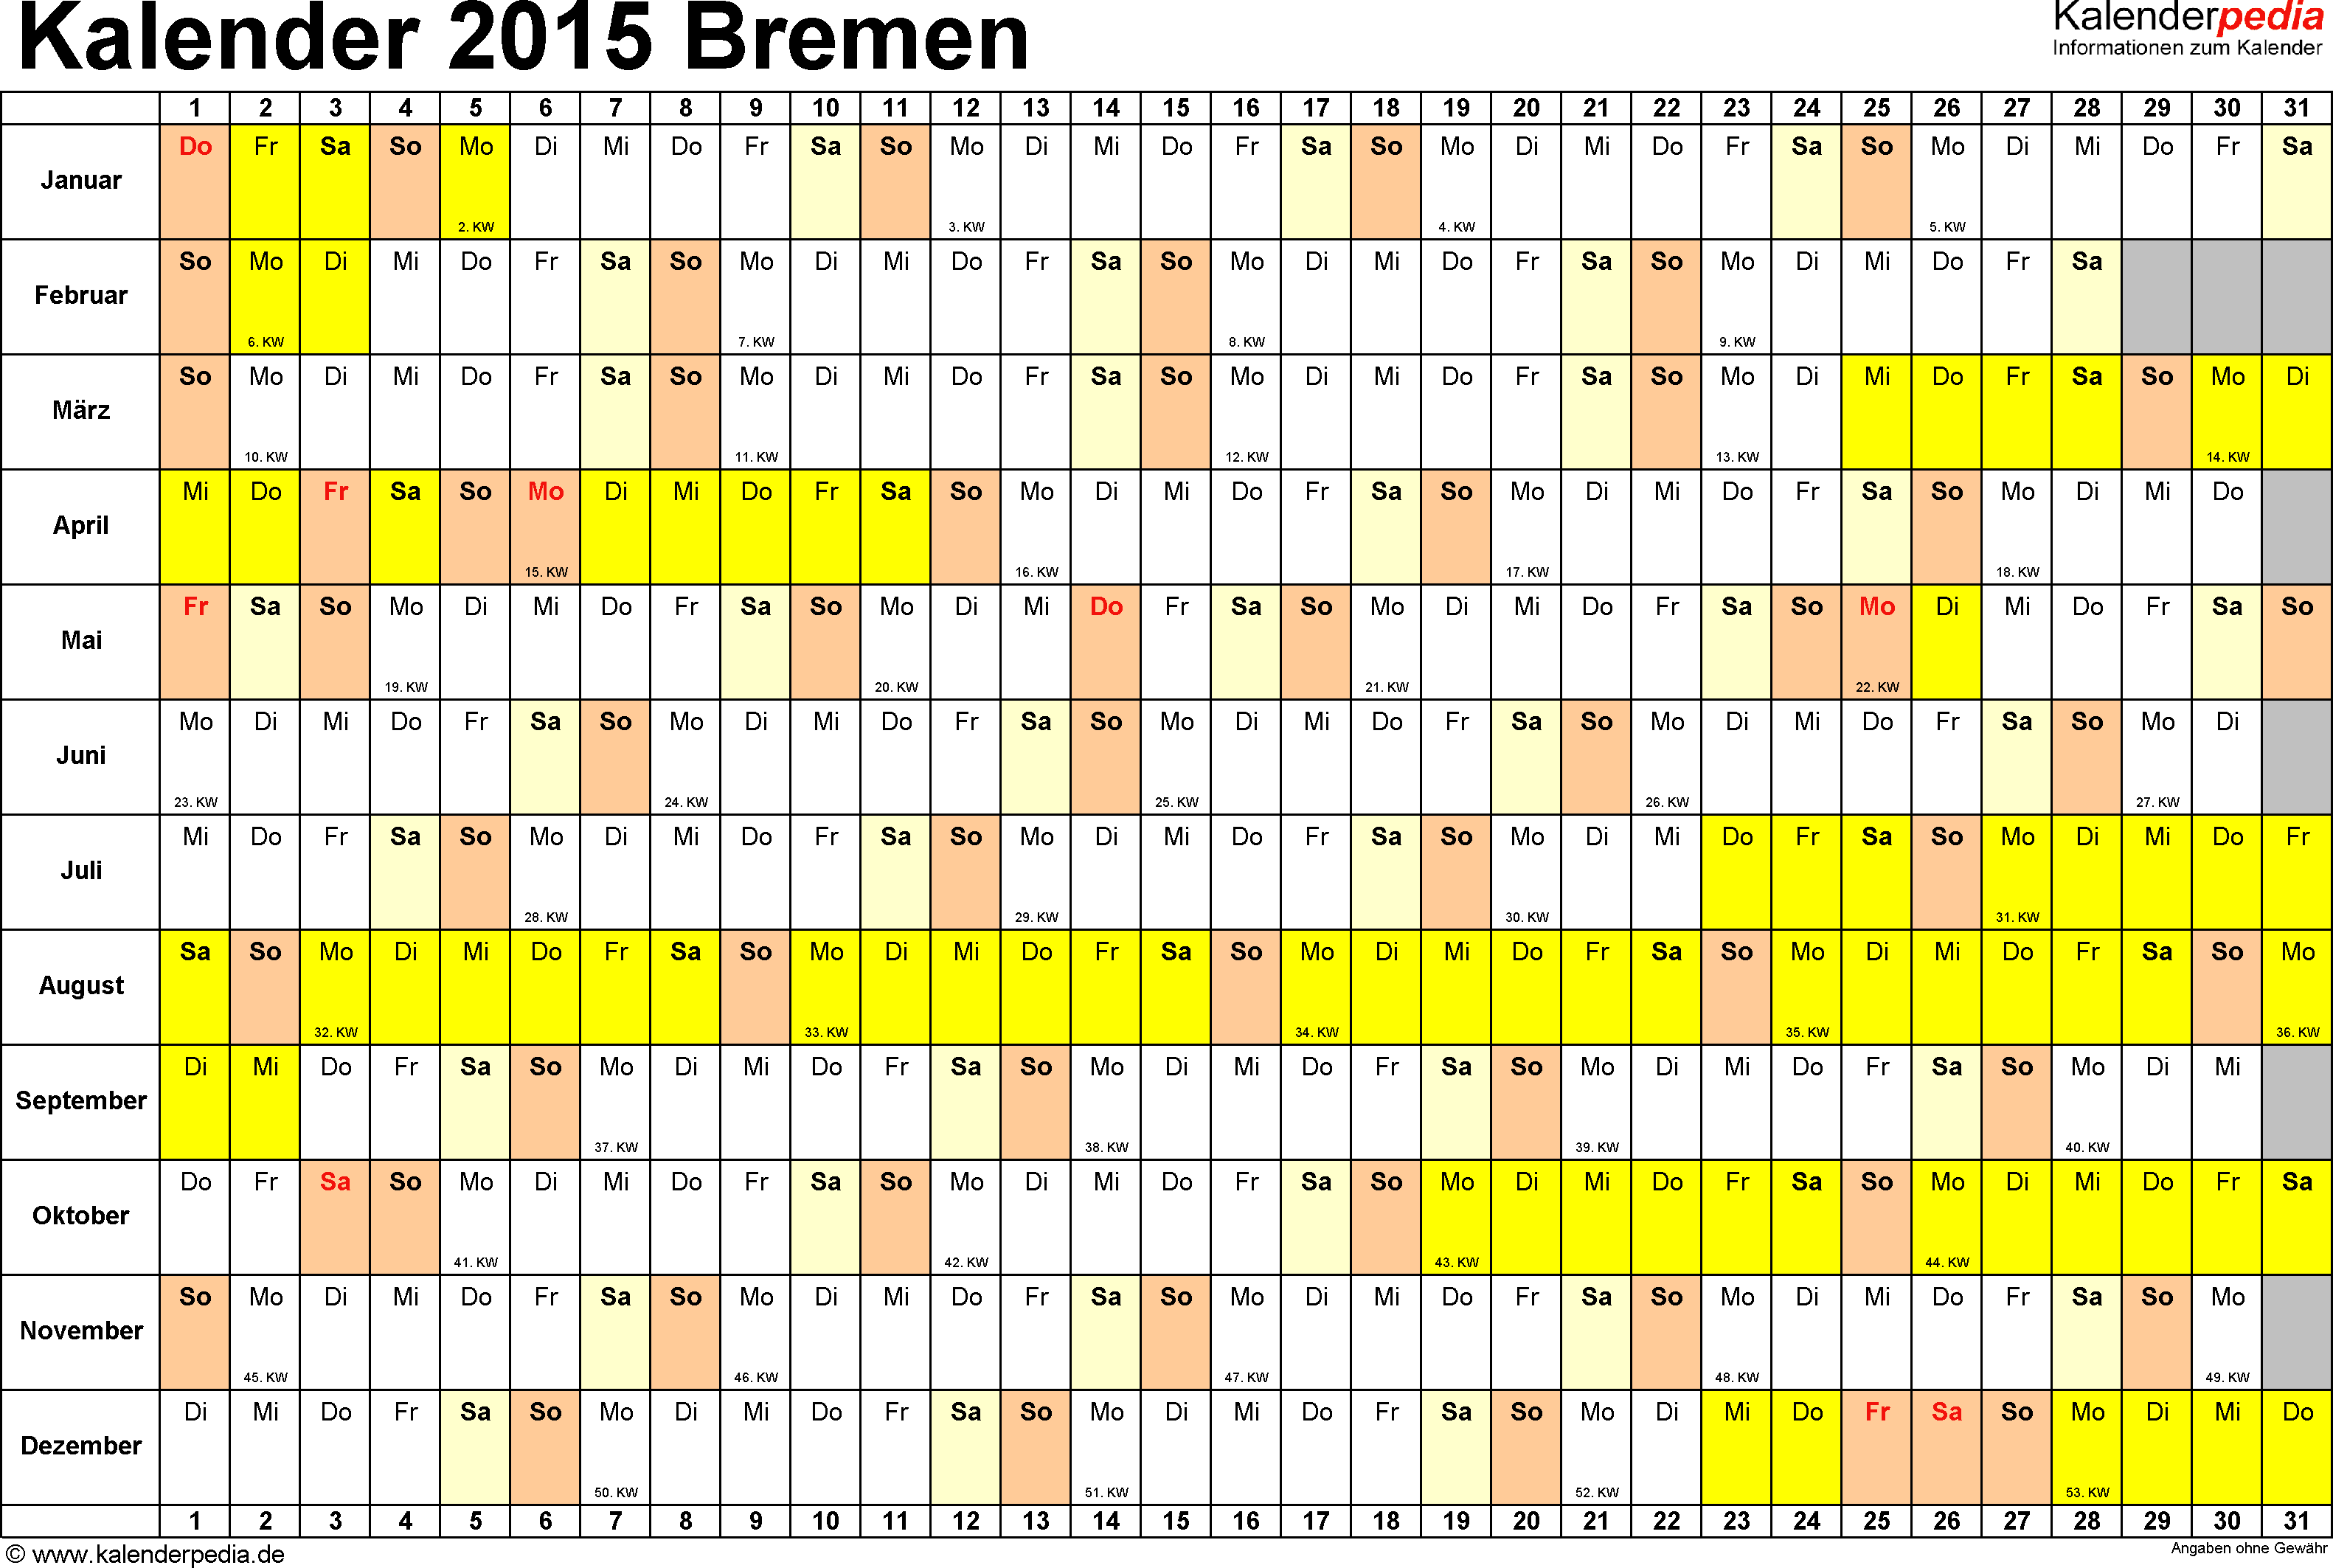 Vorlage 3: Kalender Bremen 2015 im Querformat, Tage nebeneinander